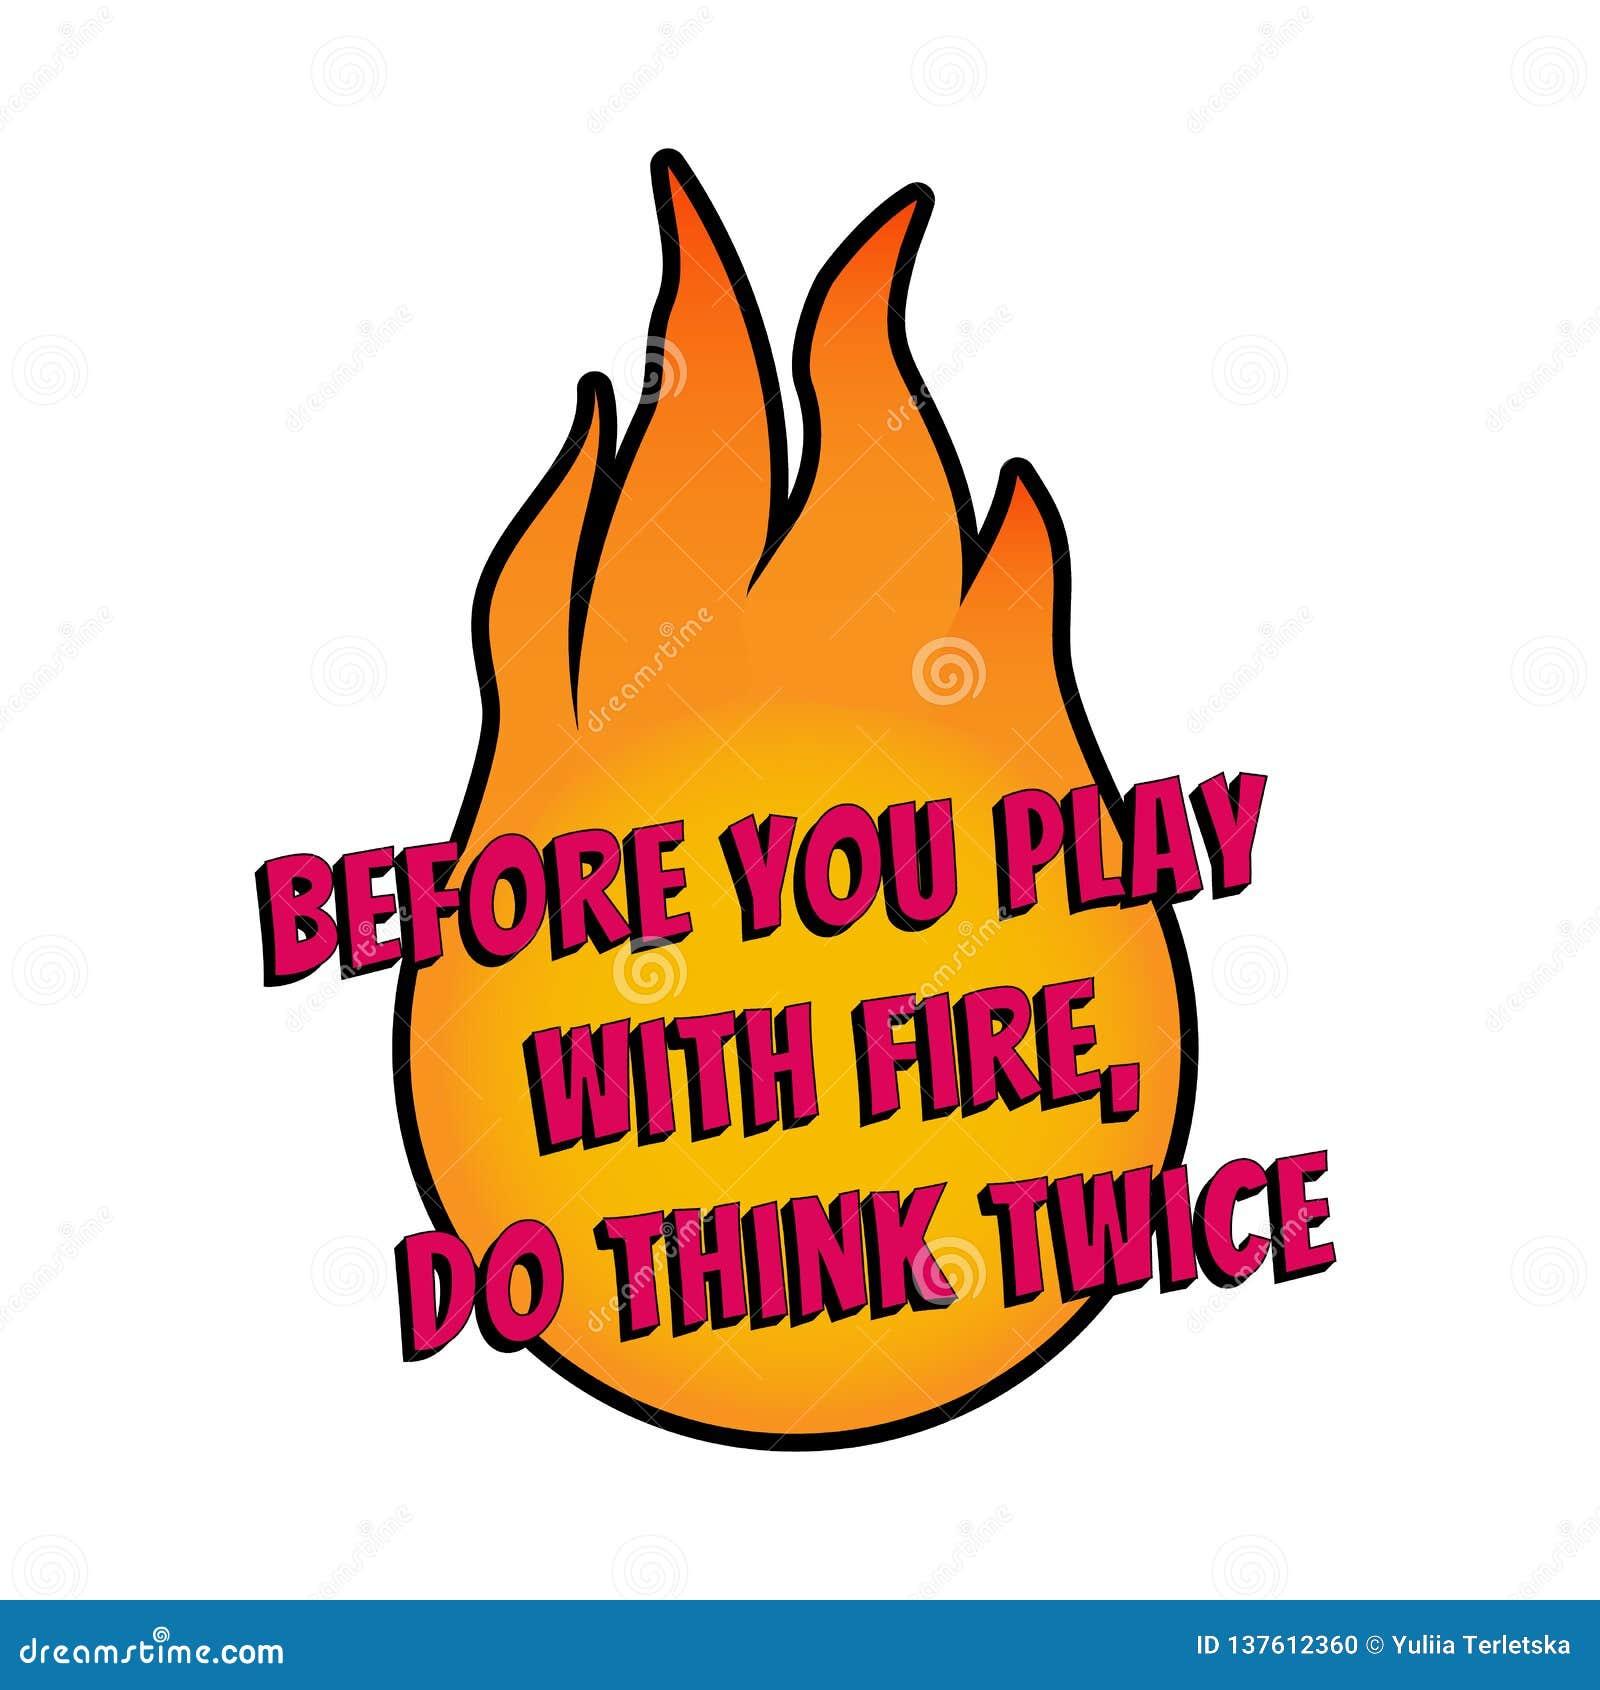 Мотивационное высказывание для плакатов и карточек Положительный лозунг Футболка огня desing